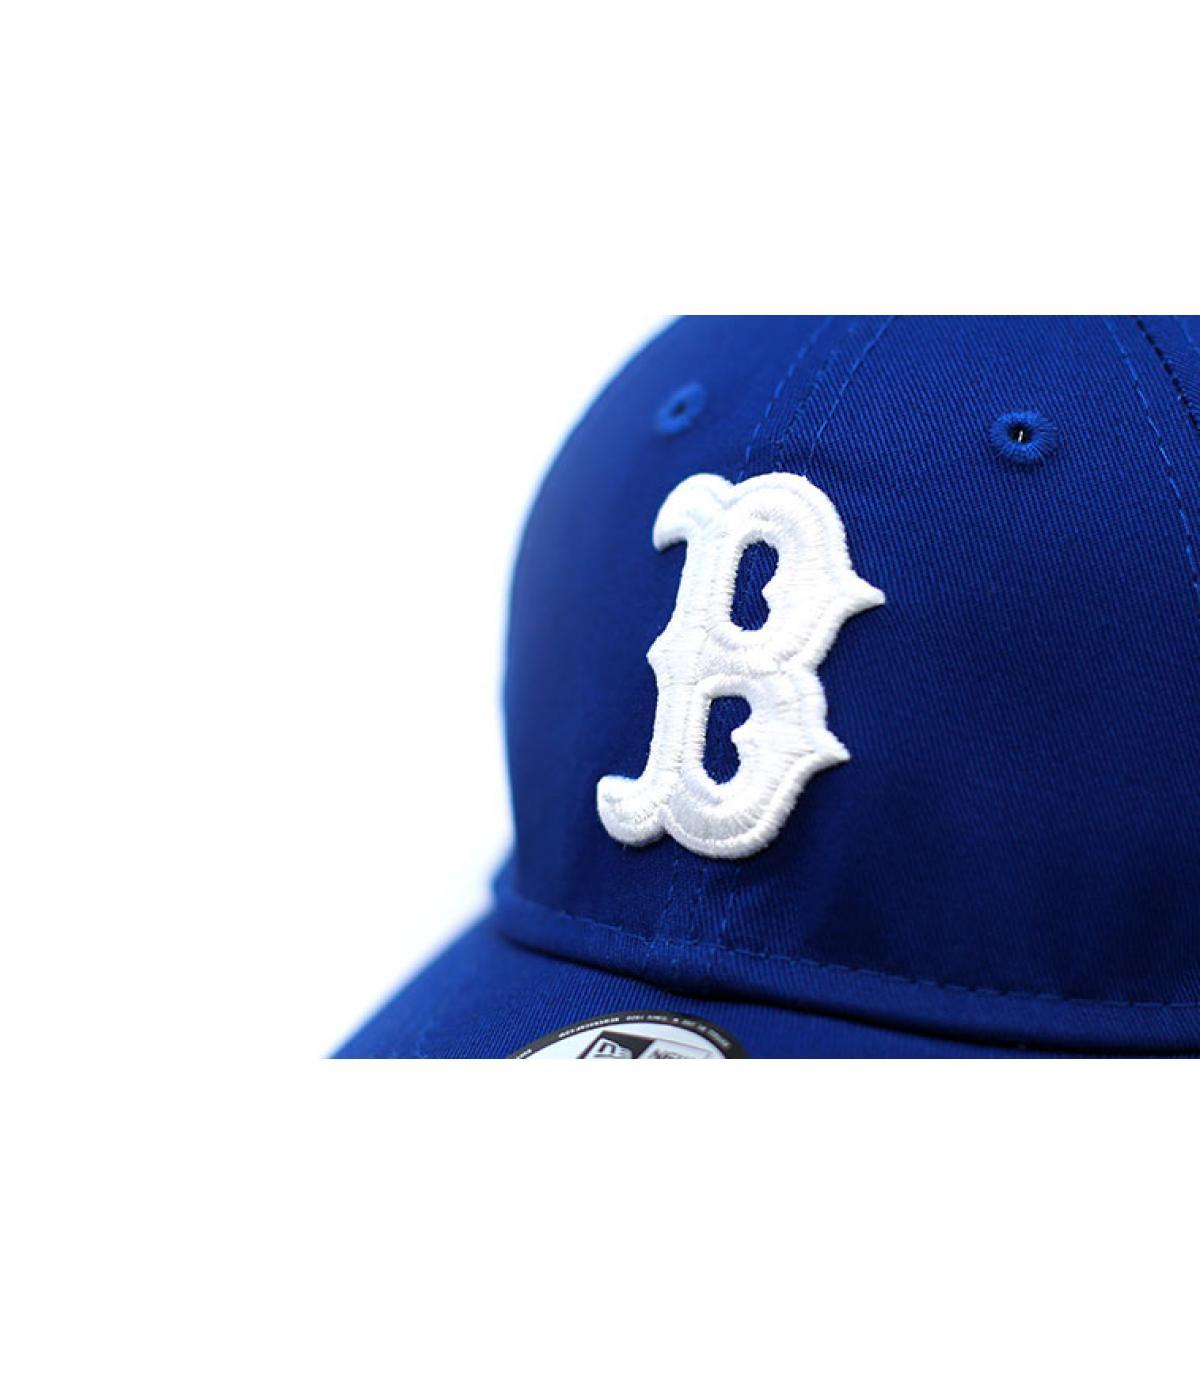 Détails Casquette League Ess 9Forty Boston light royal - image 3